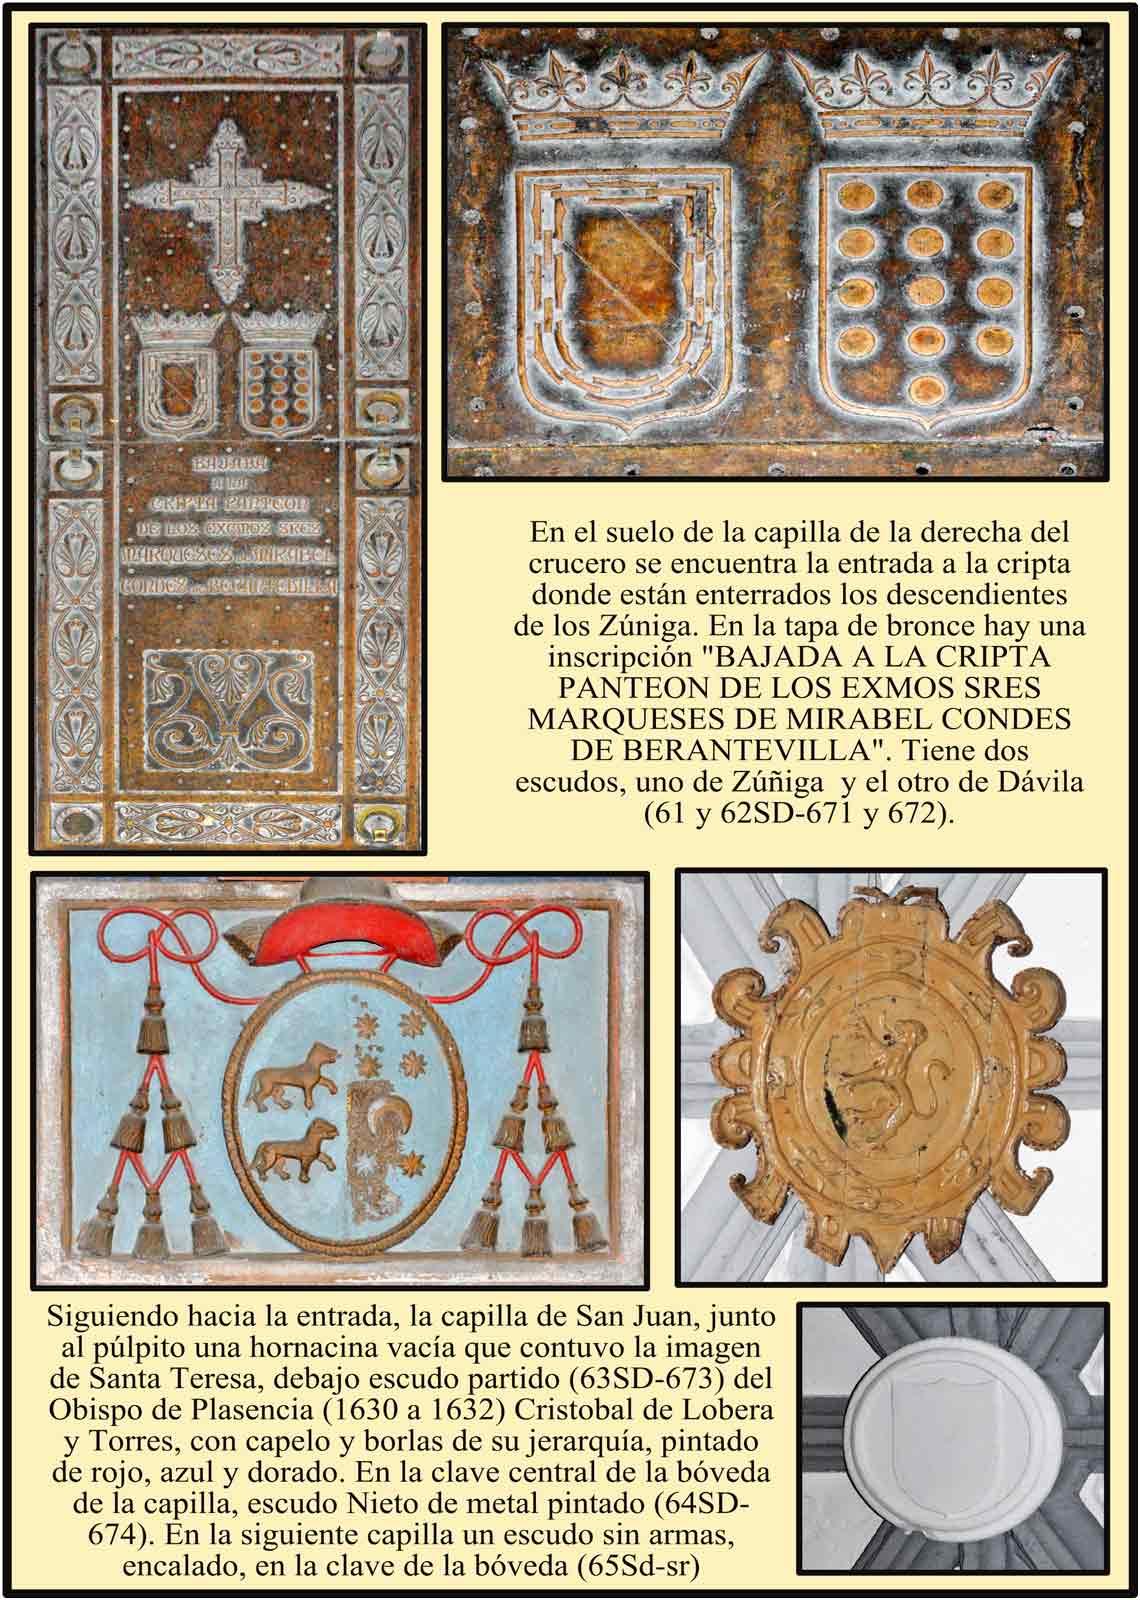 Cripta del Marques de Mirable y conde de Berantevilla